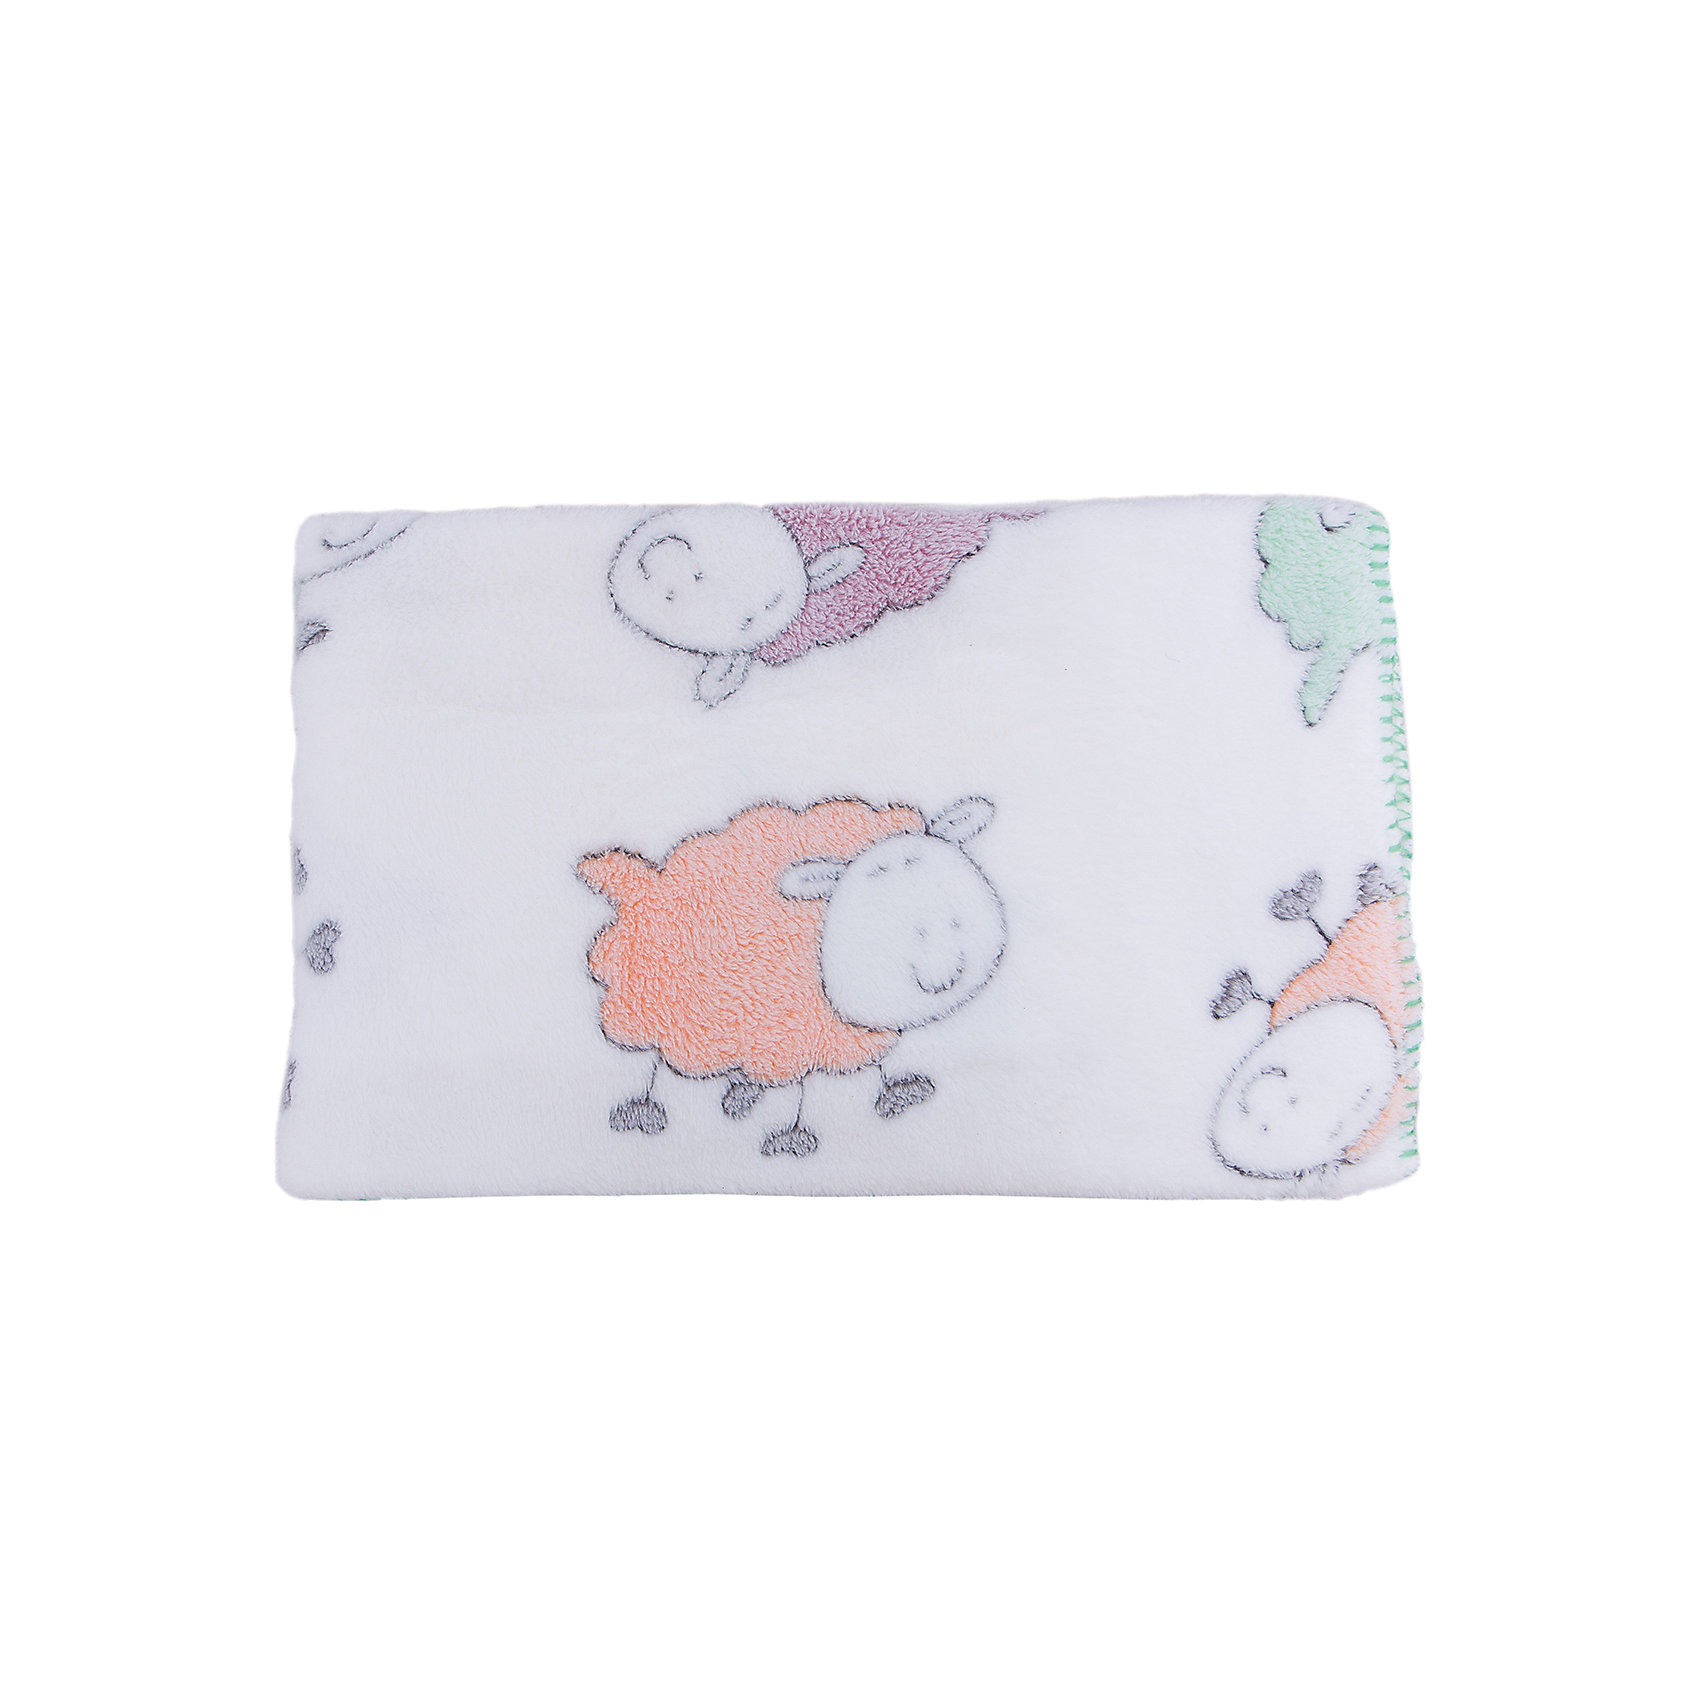 Плед-покрывало Разноцветные овечки 100х118  Velsoft 2-стороннее оверлок, Baby Nice, белыйПостельные принадлежности для детей должны быть качественными и безопасными. Этот плед-покрывало разработан специально для малышей, оно обеспечивает комфорт на всю ночь. Плед украшен симпатичным принтом.<br>Пледик сшит из мягкого легкого  материала - велсофта, приятного на ощупь. Он не вызывает аллергии, что особенно важно для малышей. Покрывало обеспечит хорошую терморегуляцию, а значит - крепкий сон. Плед сделан из высококачественных материалов, безопасных для ребенка.<br><br>Дополнительная информация:<br><br>цвет: белый;<br>материал: велсофт;<br>принт;<br>размер: 100 х 118 см;<br>обработка: оверлок;<br>двустороннее.<br><br>Плед-покрывало Разноцветные овечки 100х118  Velsoft 2-стороннее оверлок,  от компании Baby Nice можно купить в нашем магазине.<br><br>Ширина мм: 10<br>Глубина мм: 20<br>Высота мм: 10<br>Вес г: 300<br>Возраст от месяцев: 0<br>Возраст до месяцев: 36<br>Пол: Унисекс<br>Возраст: Детский<br>SKU: 4941802